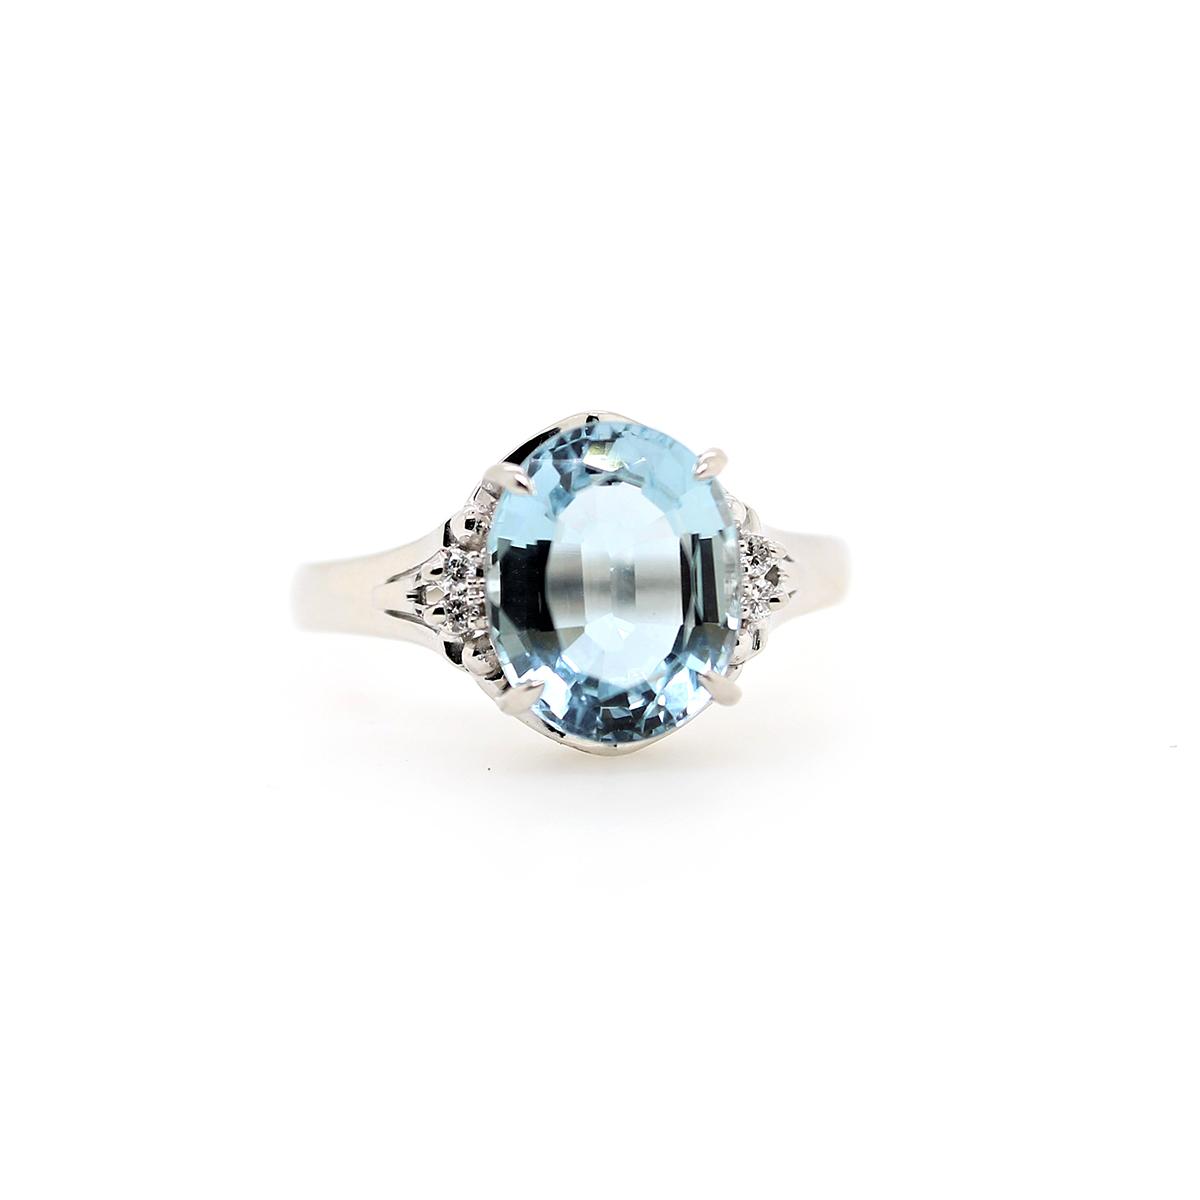 Vintage Platinum Aquamarine and Diamond Ring